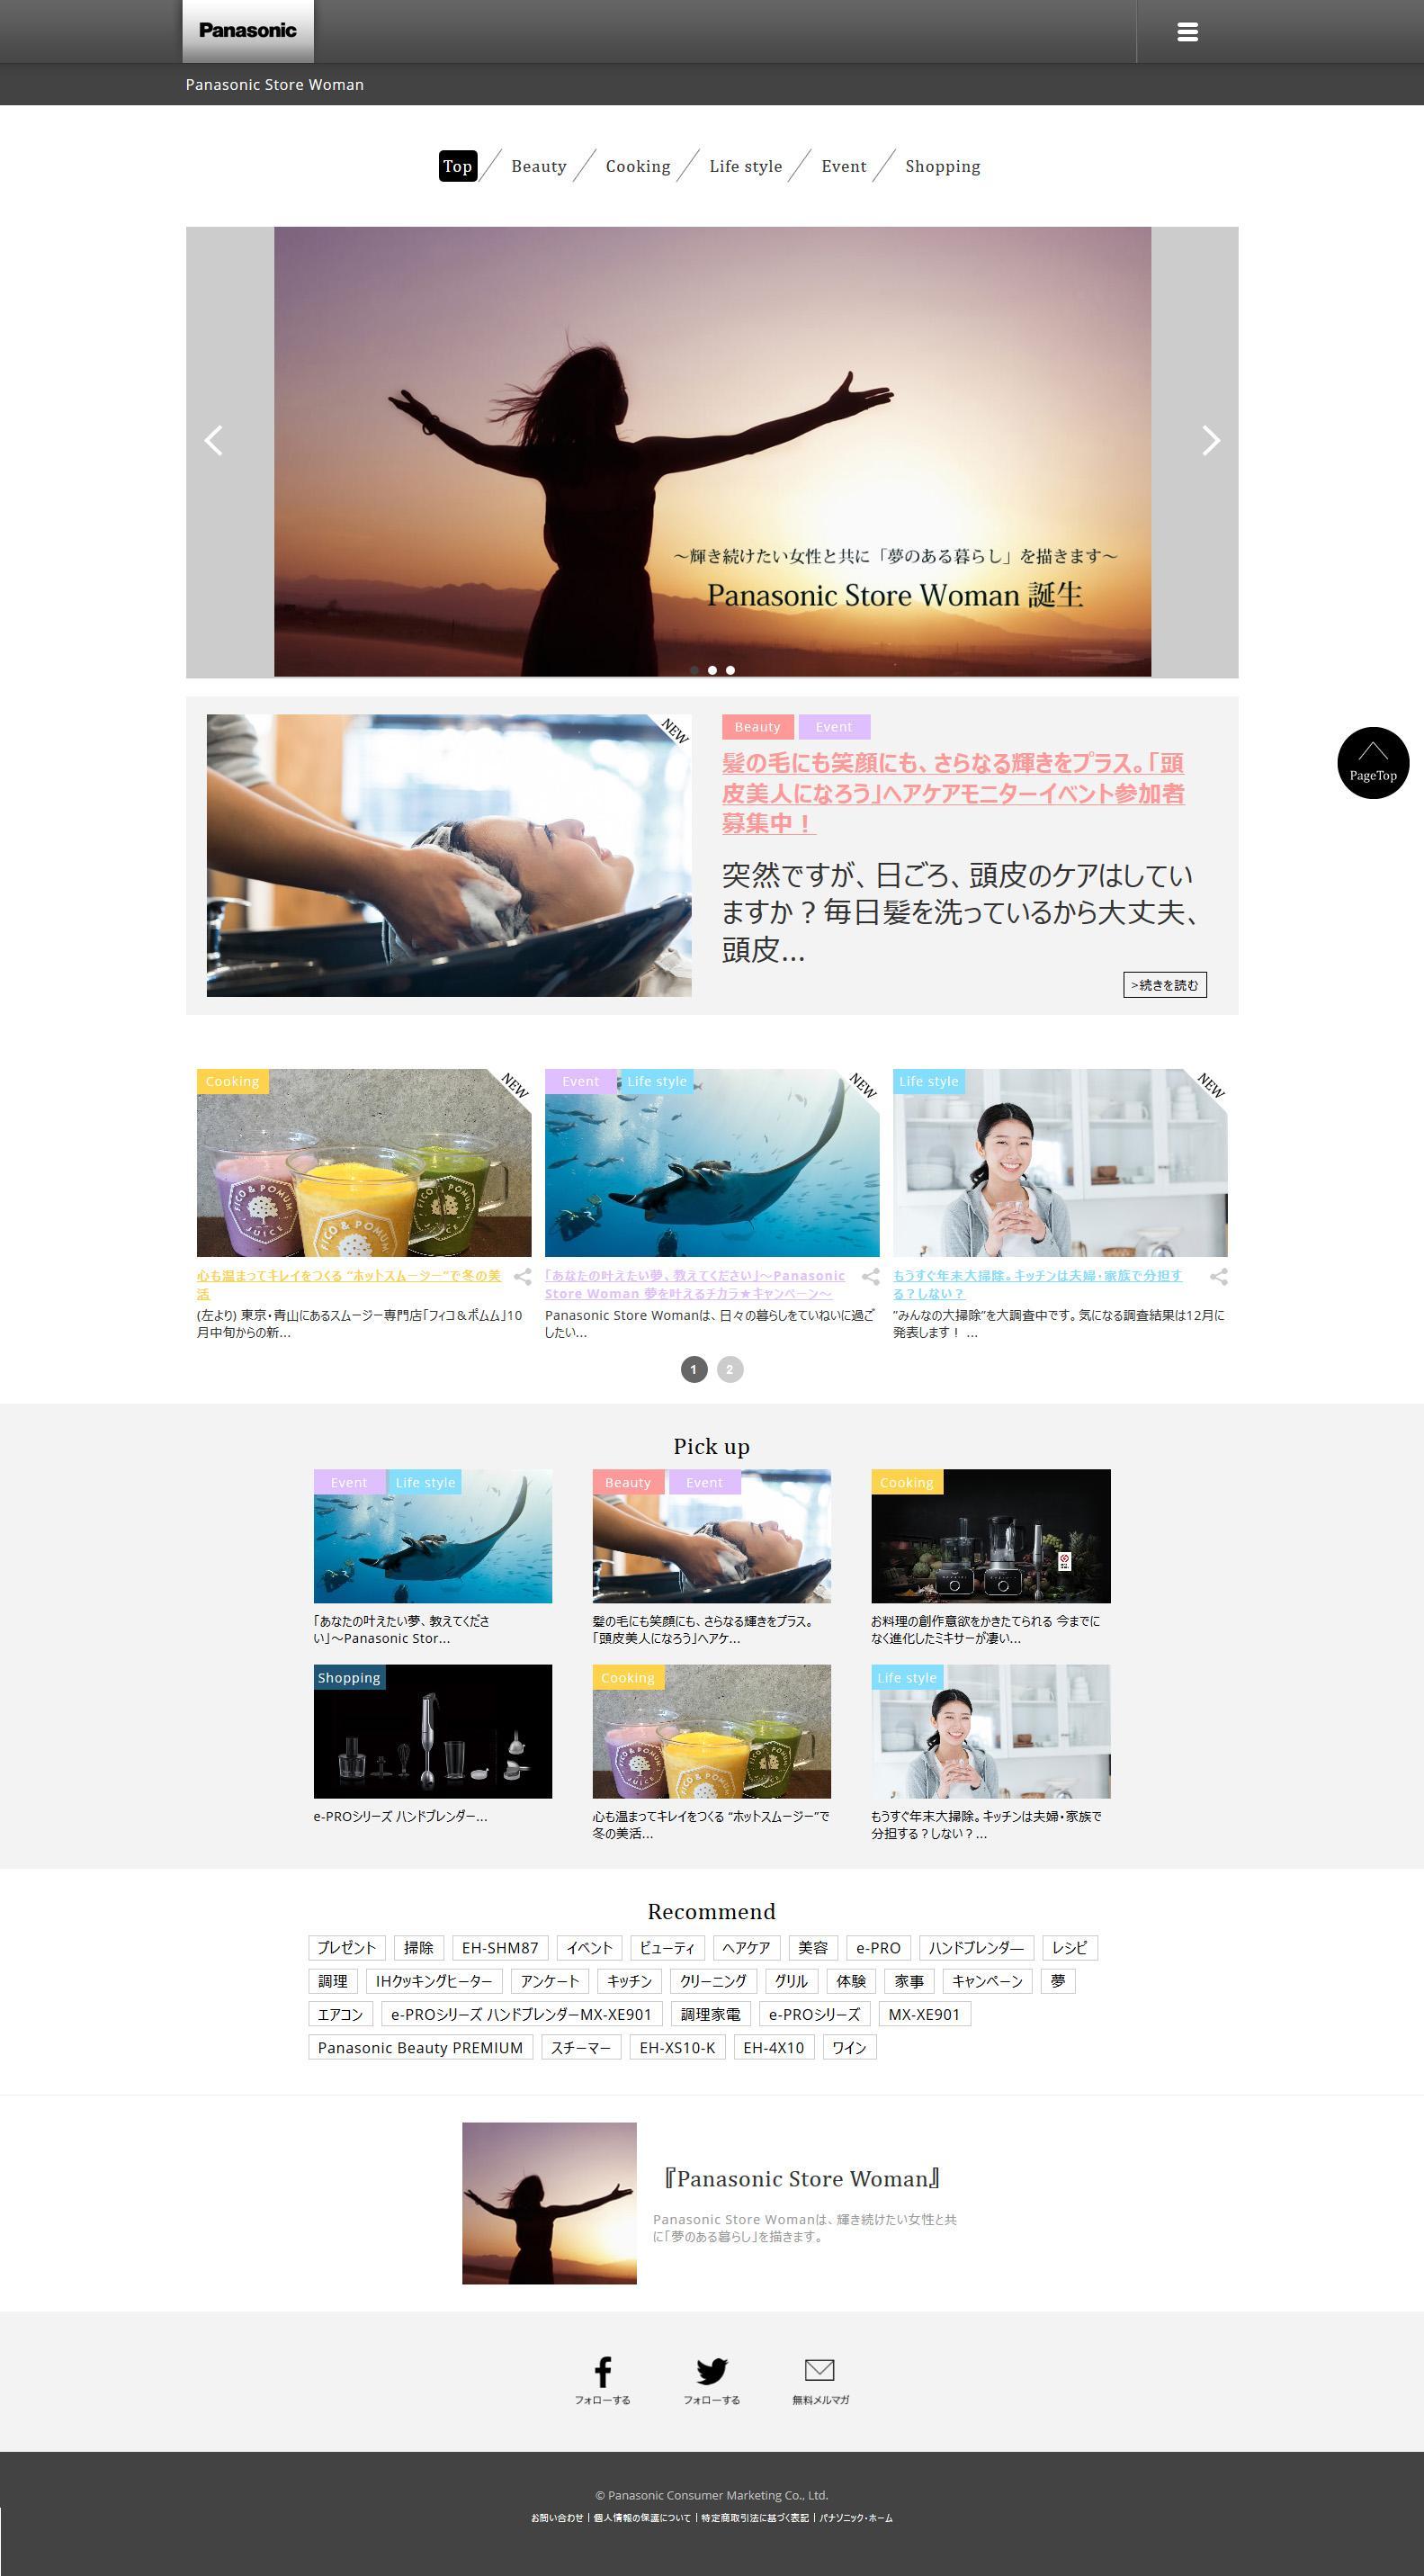 「Panasonic Store Woman(パナソニック ストア ウーマン)」サイト公開